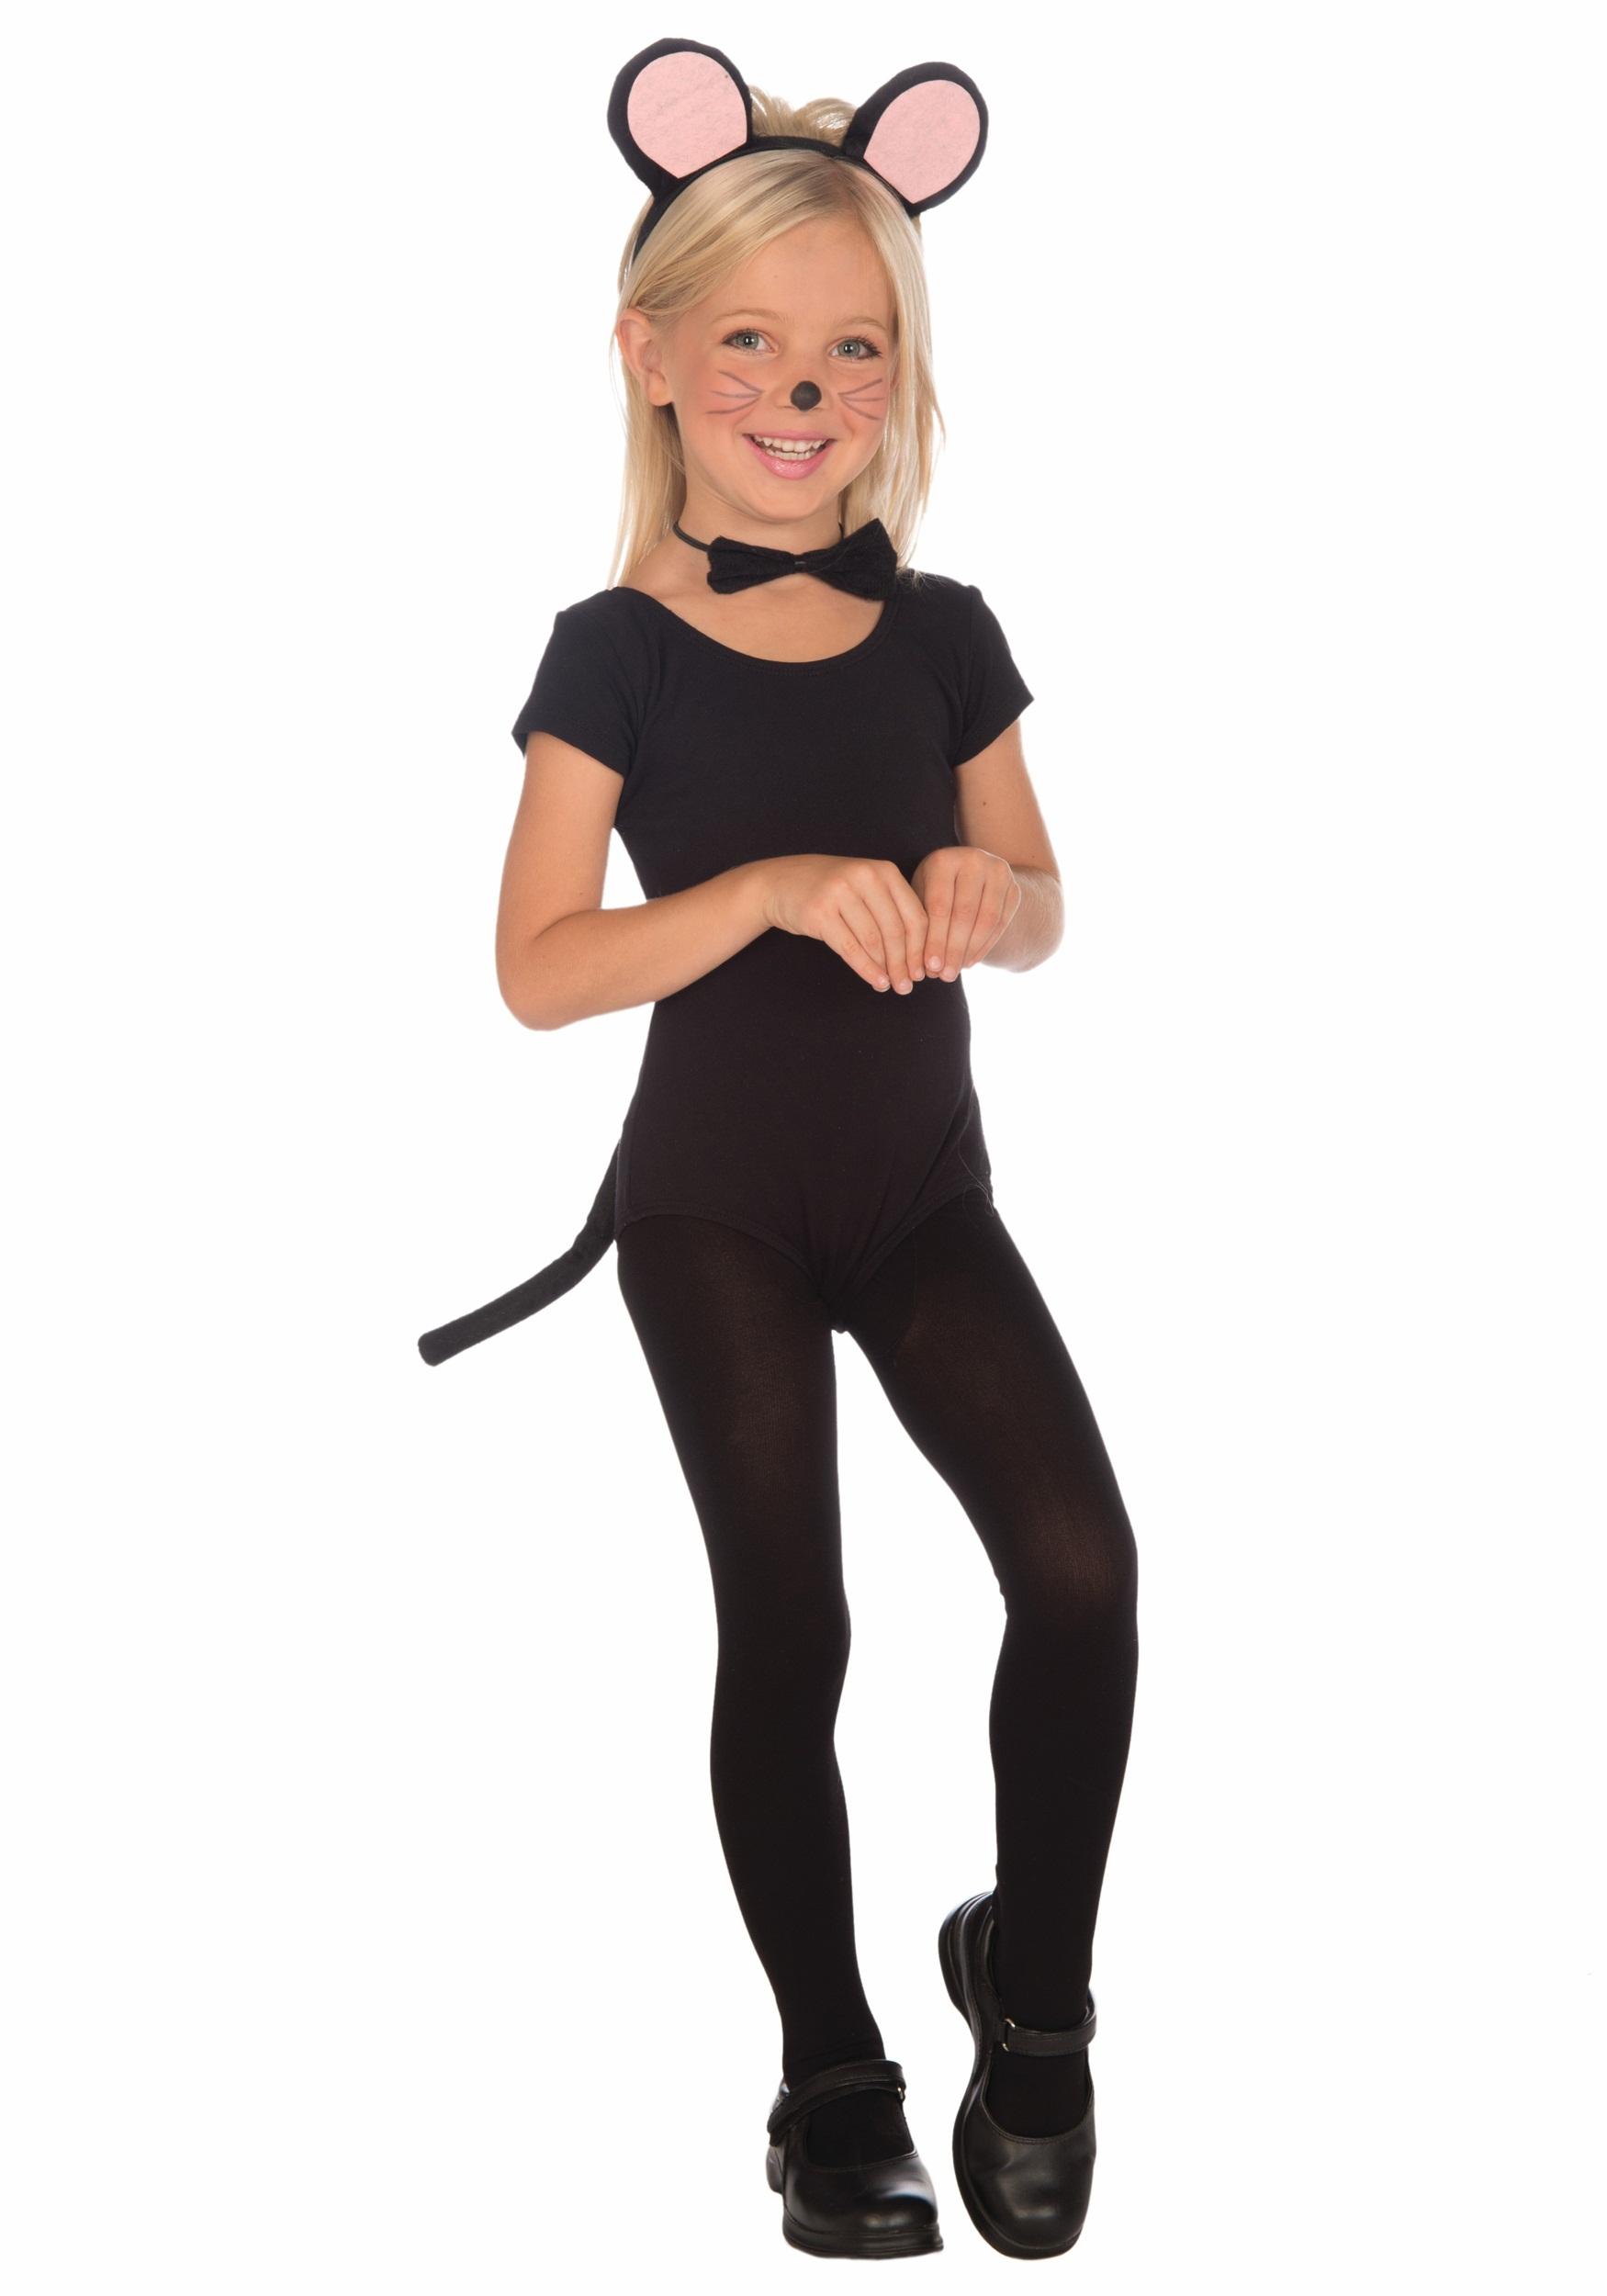 Back toAnimal u0026 Bug Costumes Halloween Accessories Mouse Costumes  sc 1 st  Halloween Costumes & Child Mouse Kit - Halloween Costumes